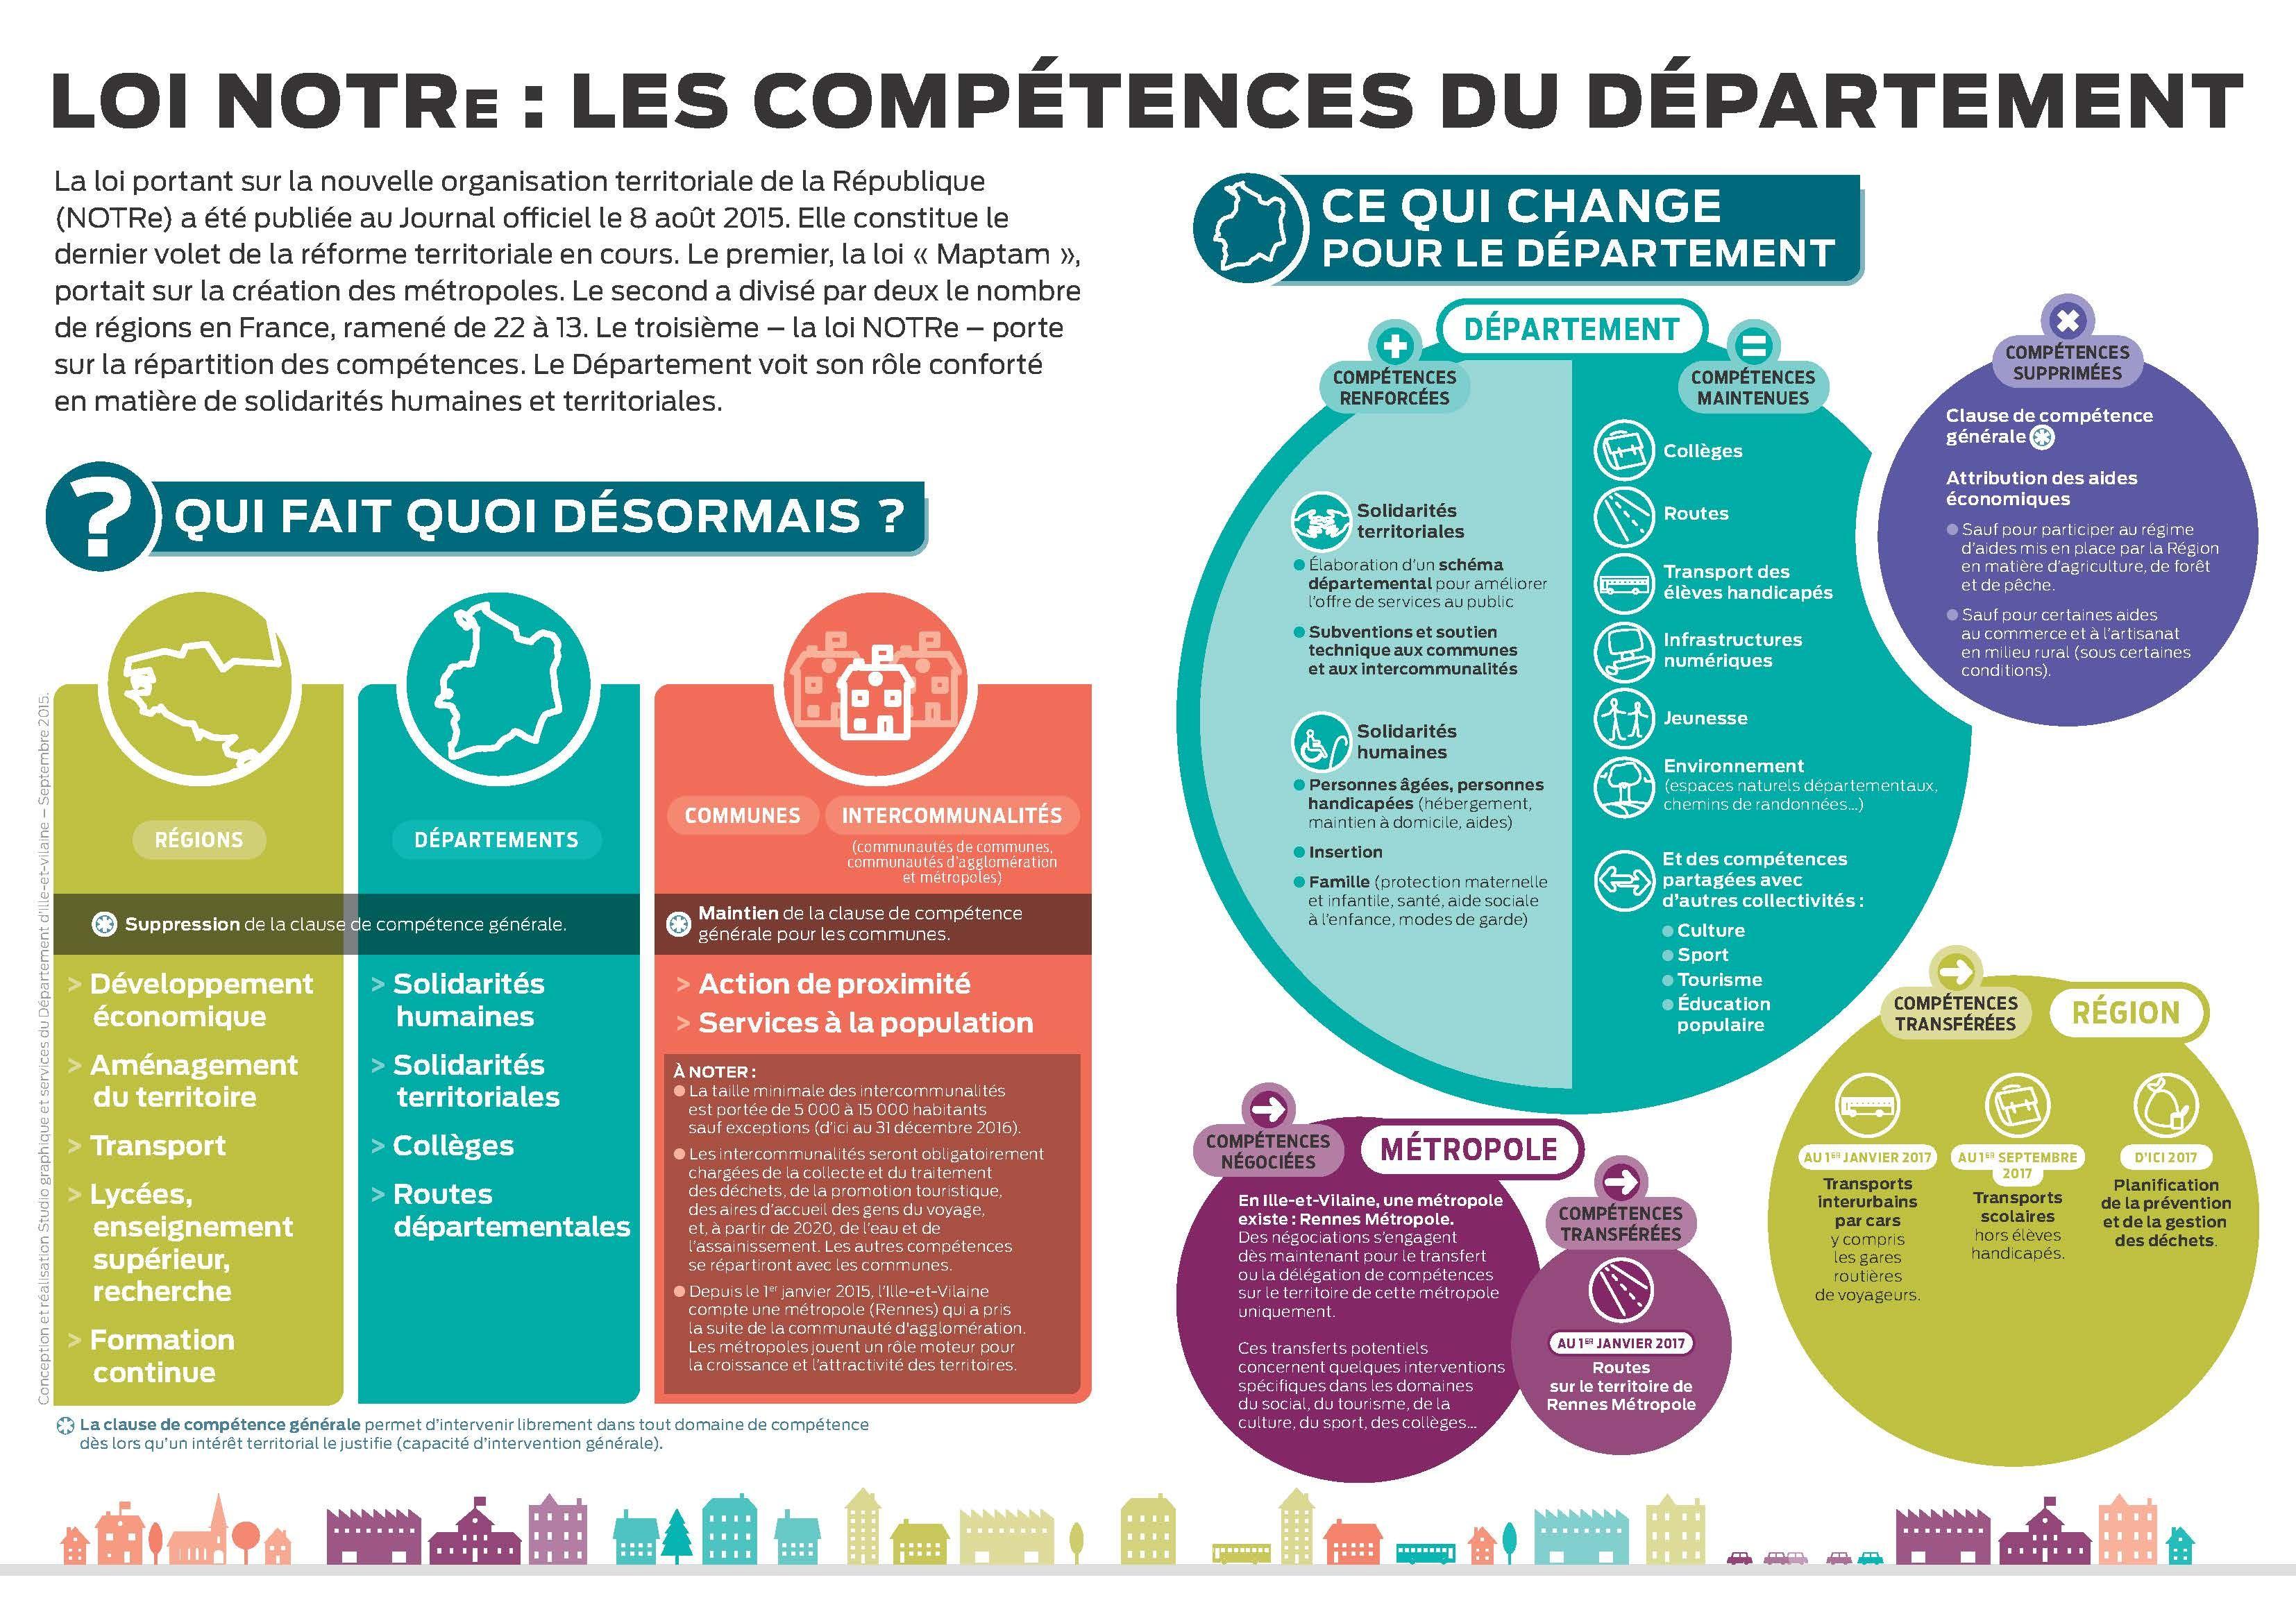 La Loi Notre Ce Qu Elle Change Pour Le Departement Mdph Apprendre L Anglais Concours Fonction Publique Concours Atsem